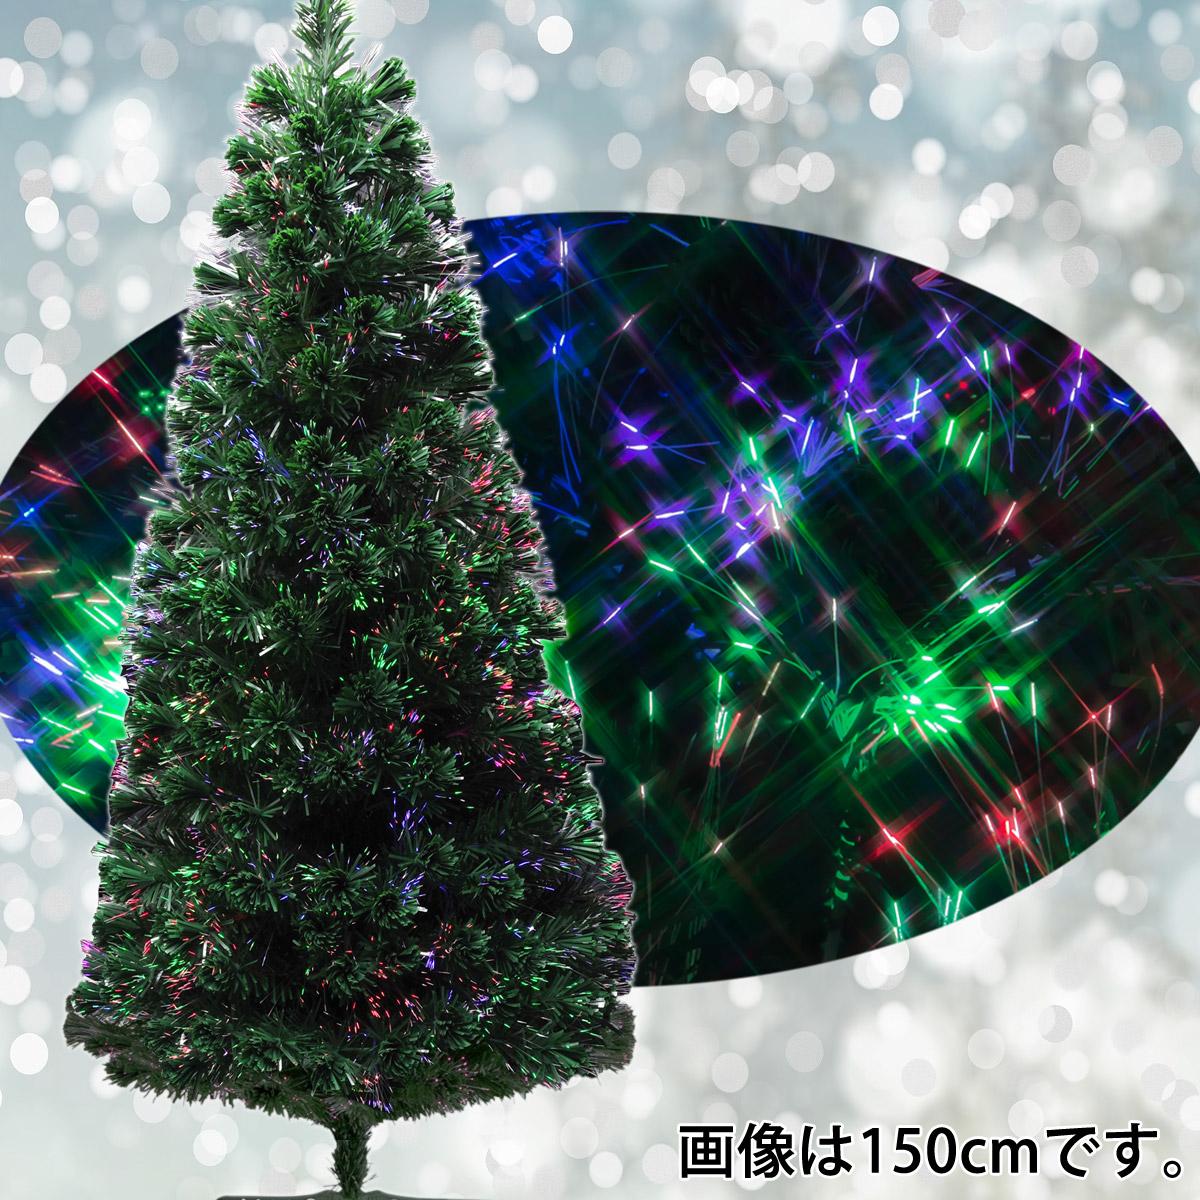 クリスマスツリー ファイバー 180cm グリーン 多分割 ACアダプター LED光源 ファイバーツリー USBアダプター付き 北欧 おしゃれ 【10月下旬入荷予定】